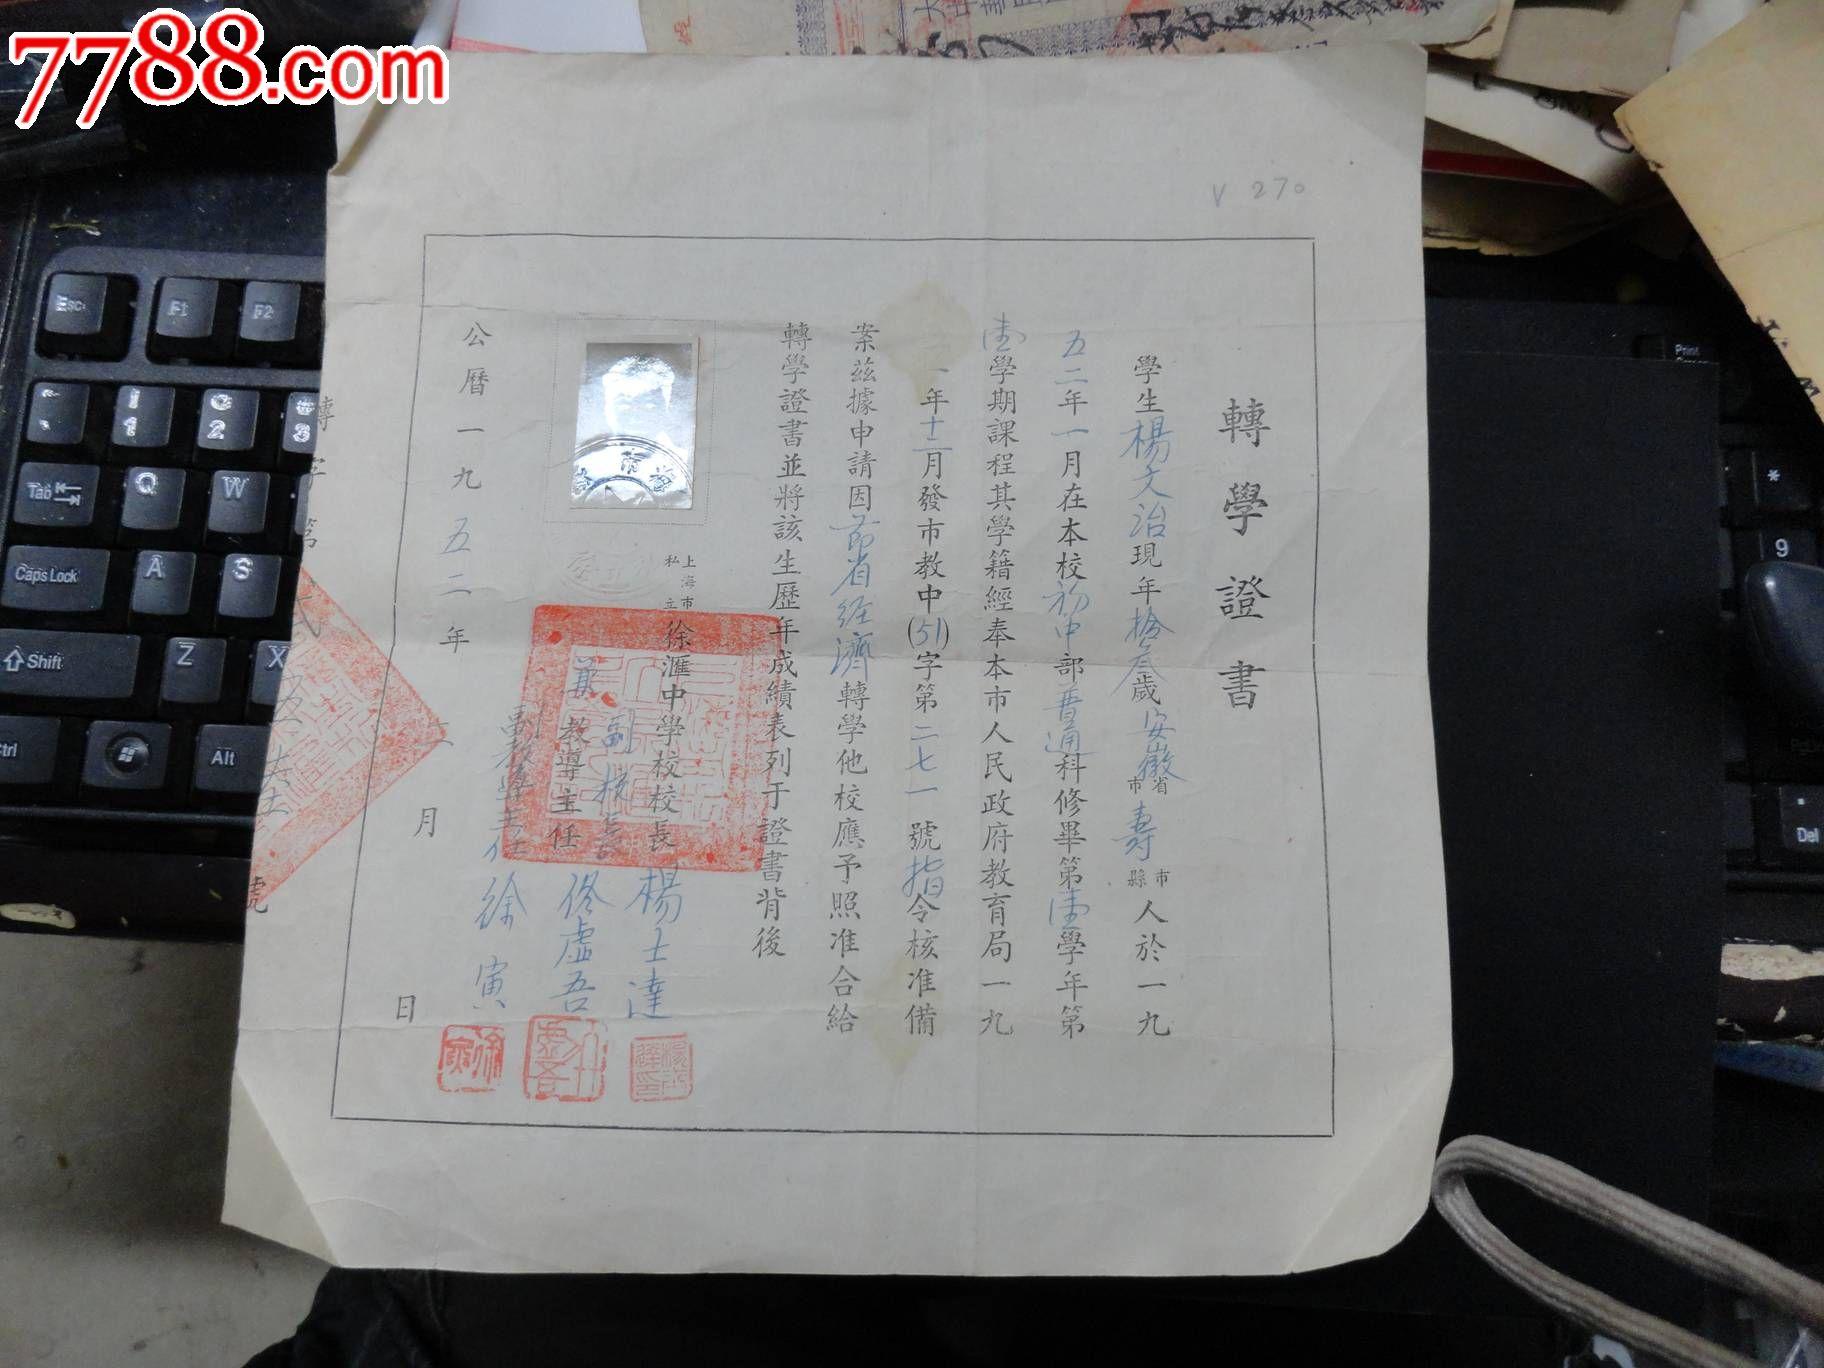 52年上海市私立徐汇小学--转学证书中心中学试卷的图片